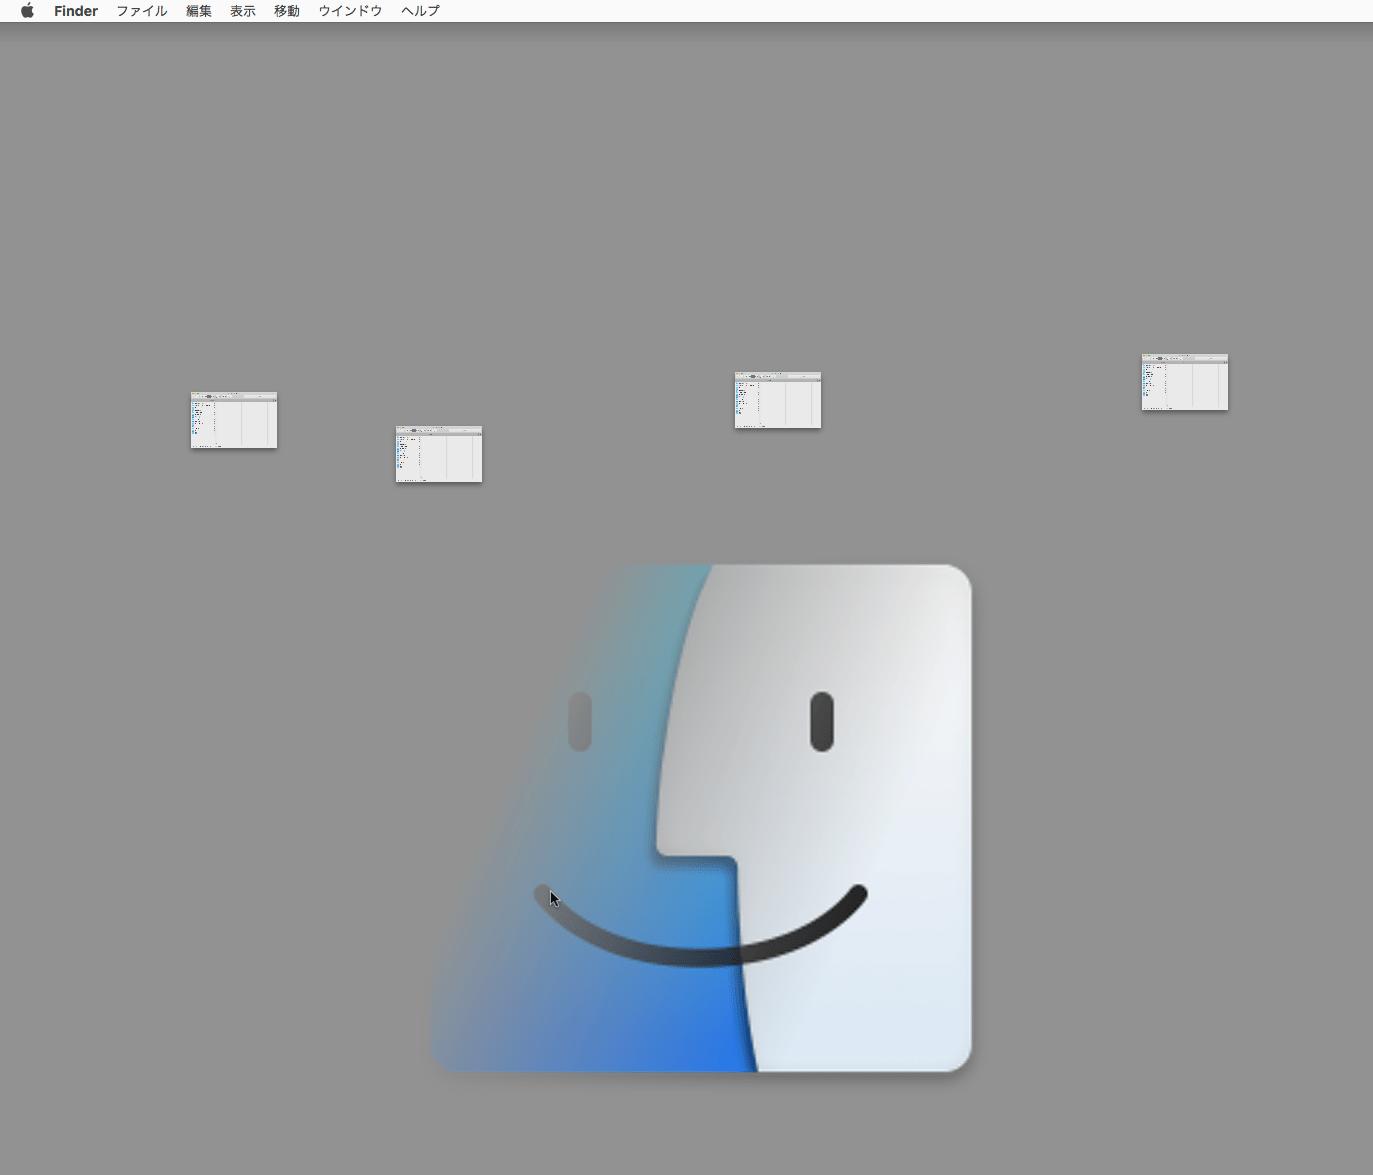 Macで小さなFinder画面がデスクトップに残ってしまう時の対処法